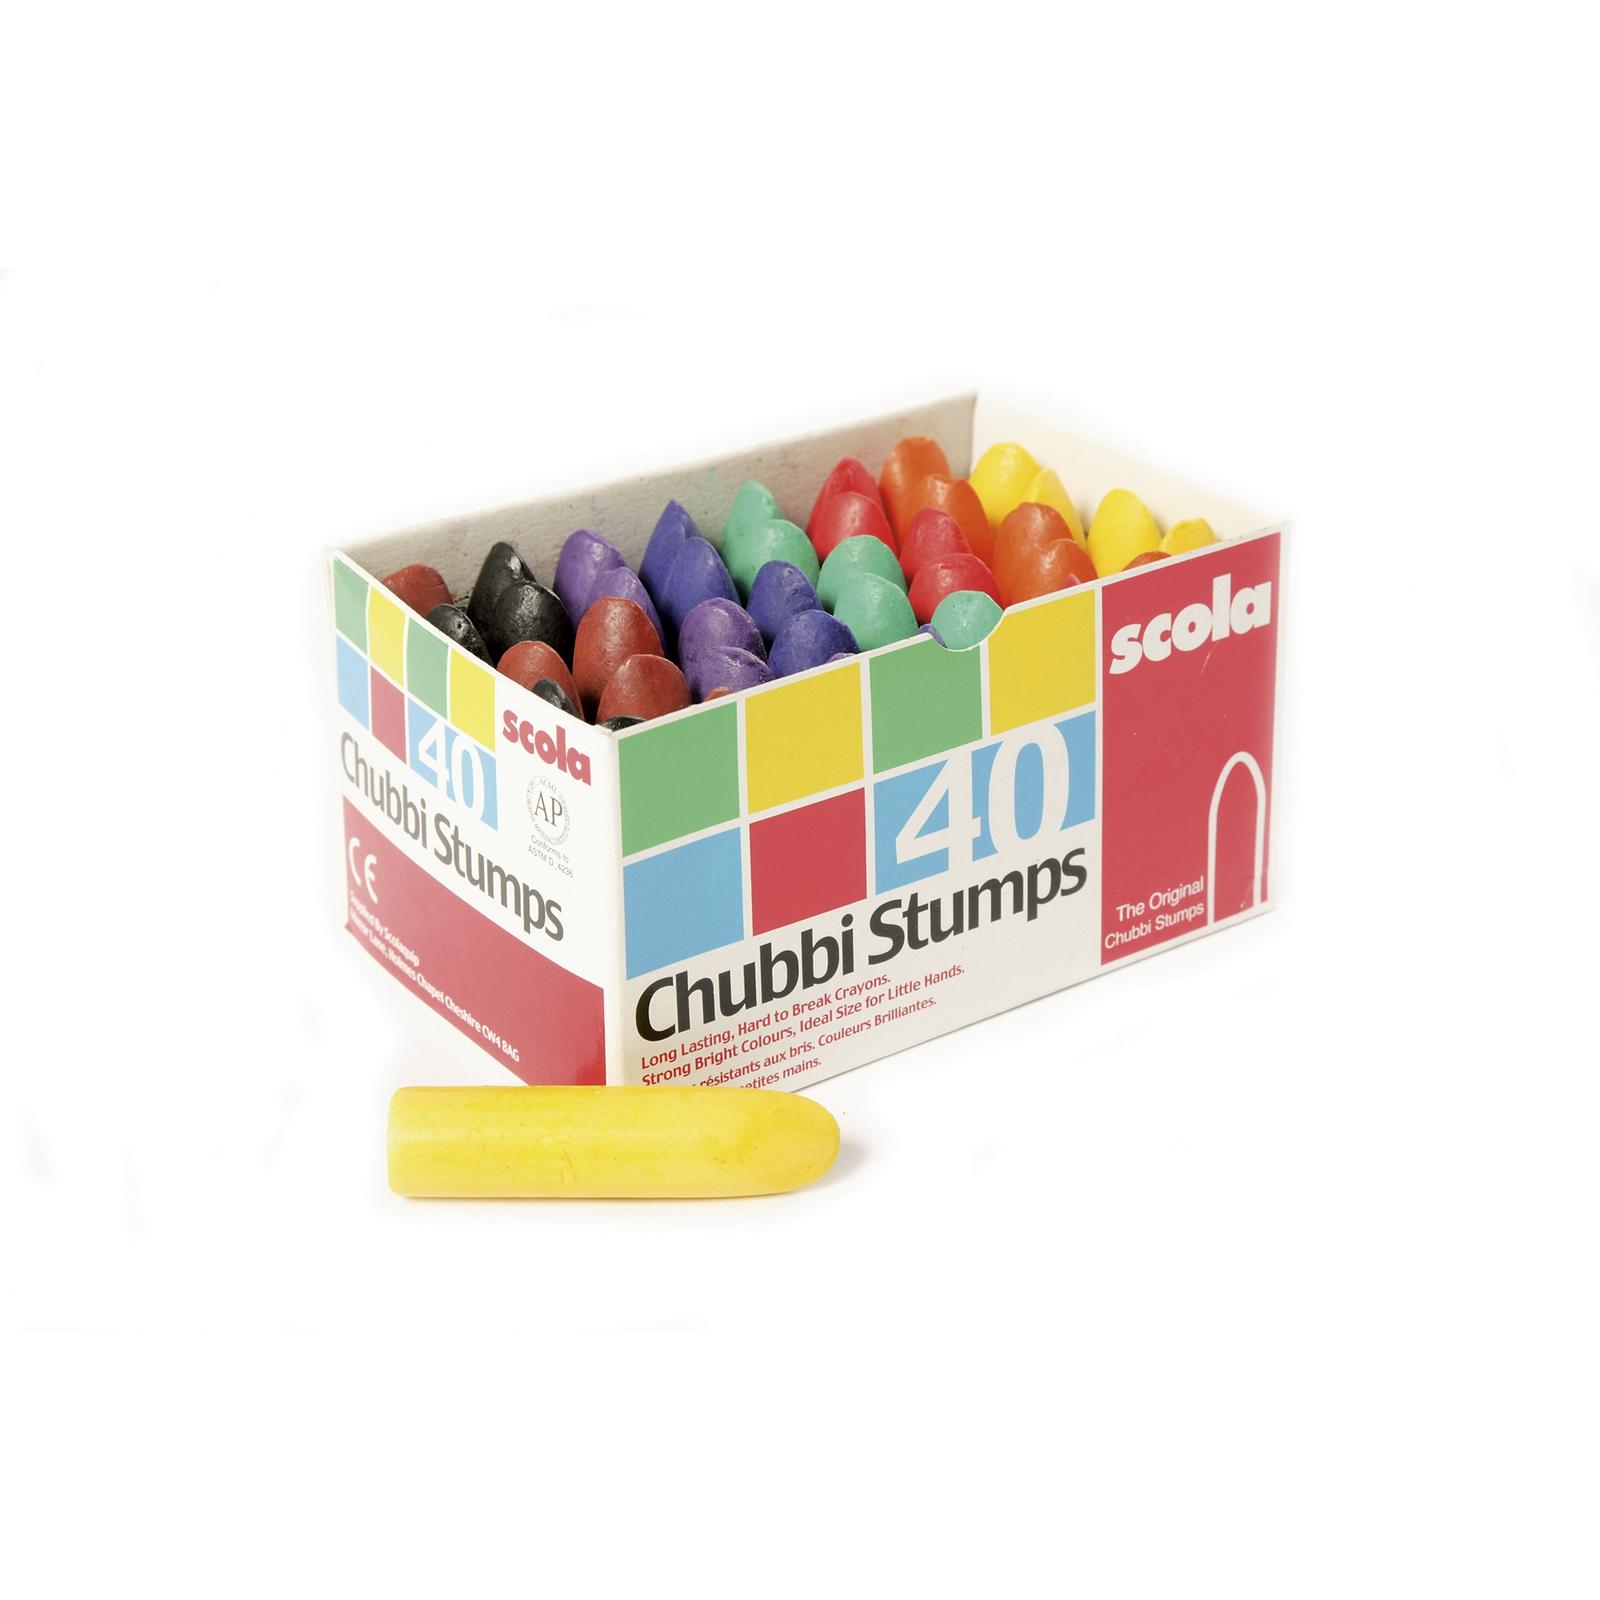 Chubbi Stumps - Pack of 120